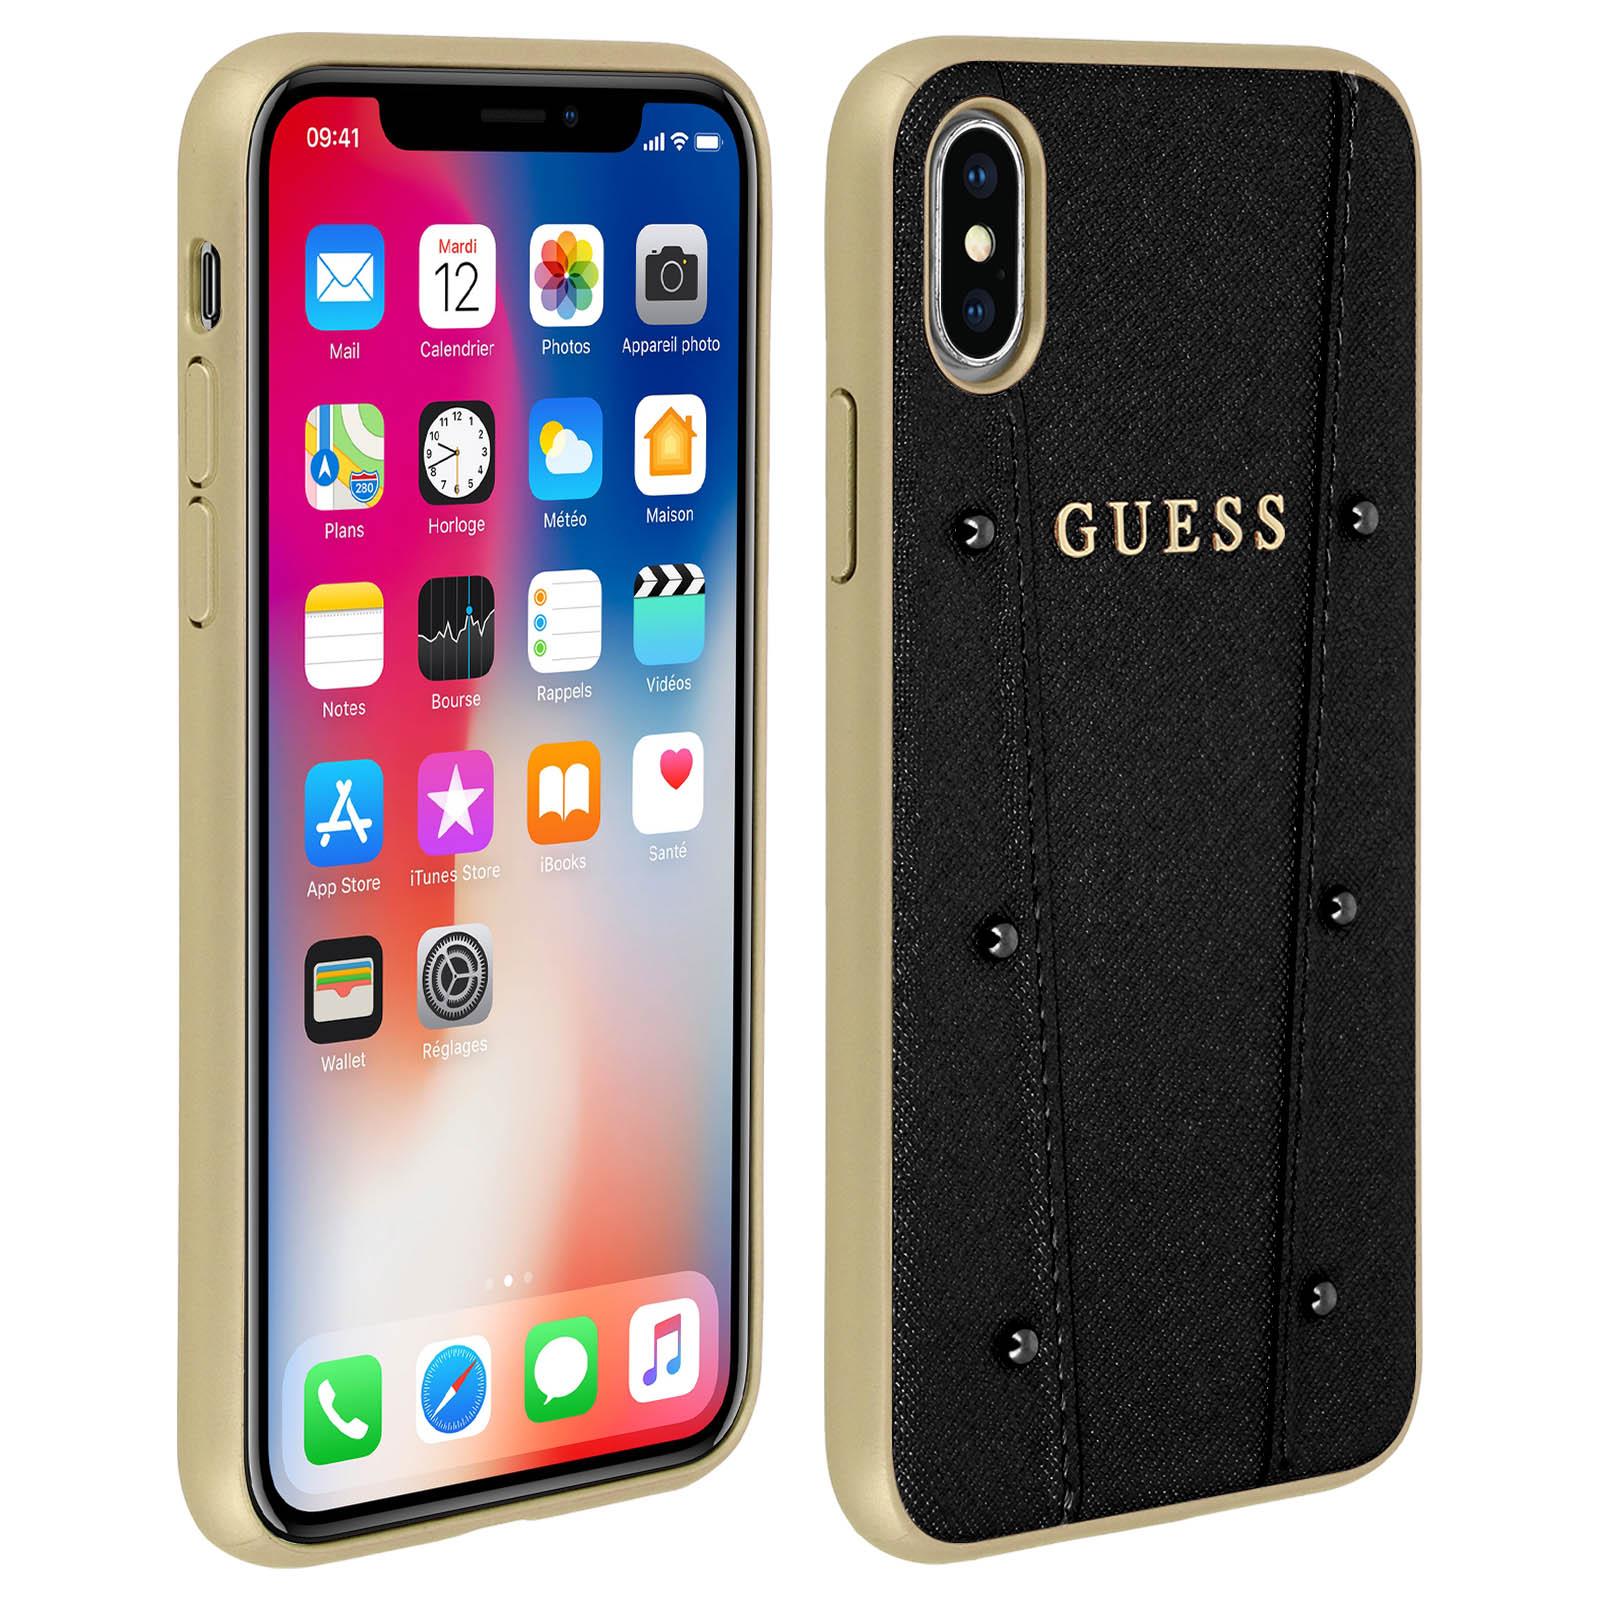 Guess Schutzhülle mit Nieten, Hardcase für Apple iPhone X, iPhone XS Schwarz